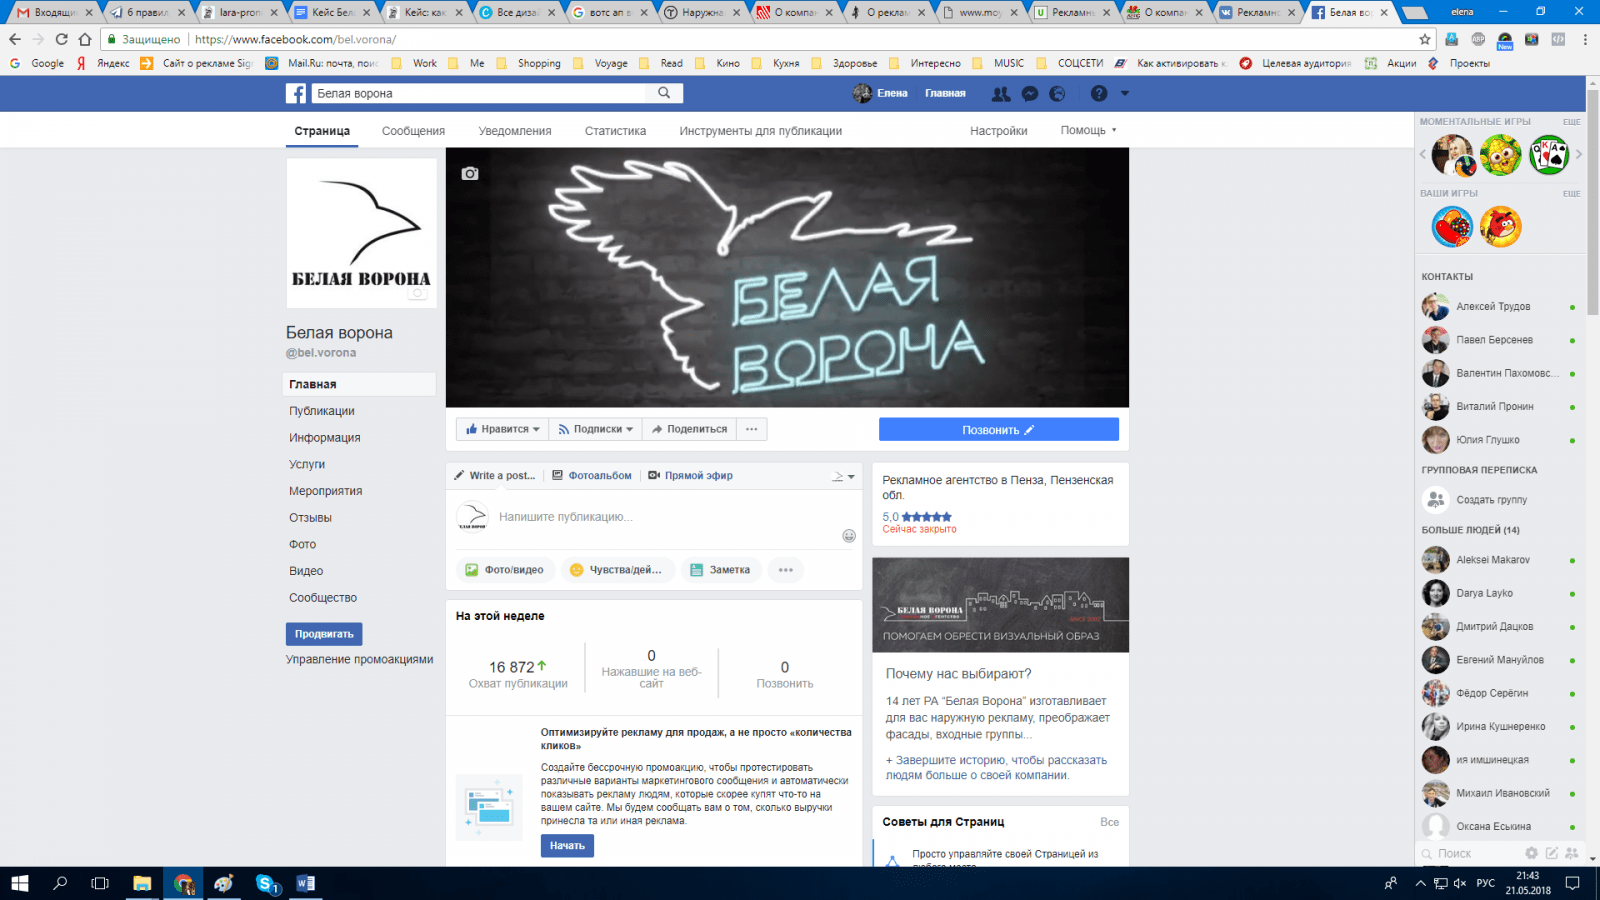 Кейс продаж услуг рекламного агенства с помощью контента в Facebook, Insta и VK